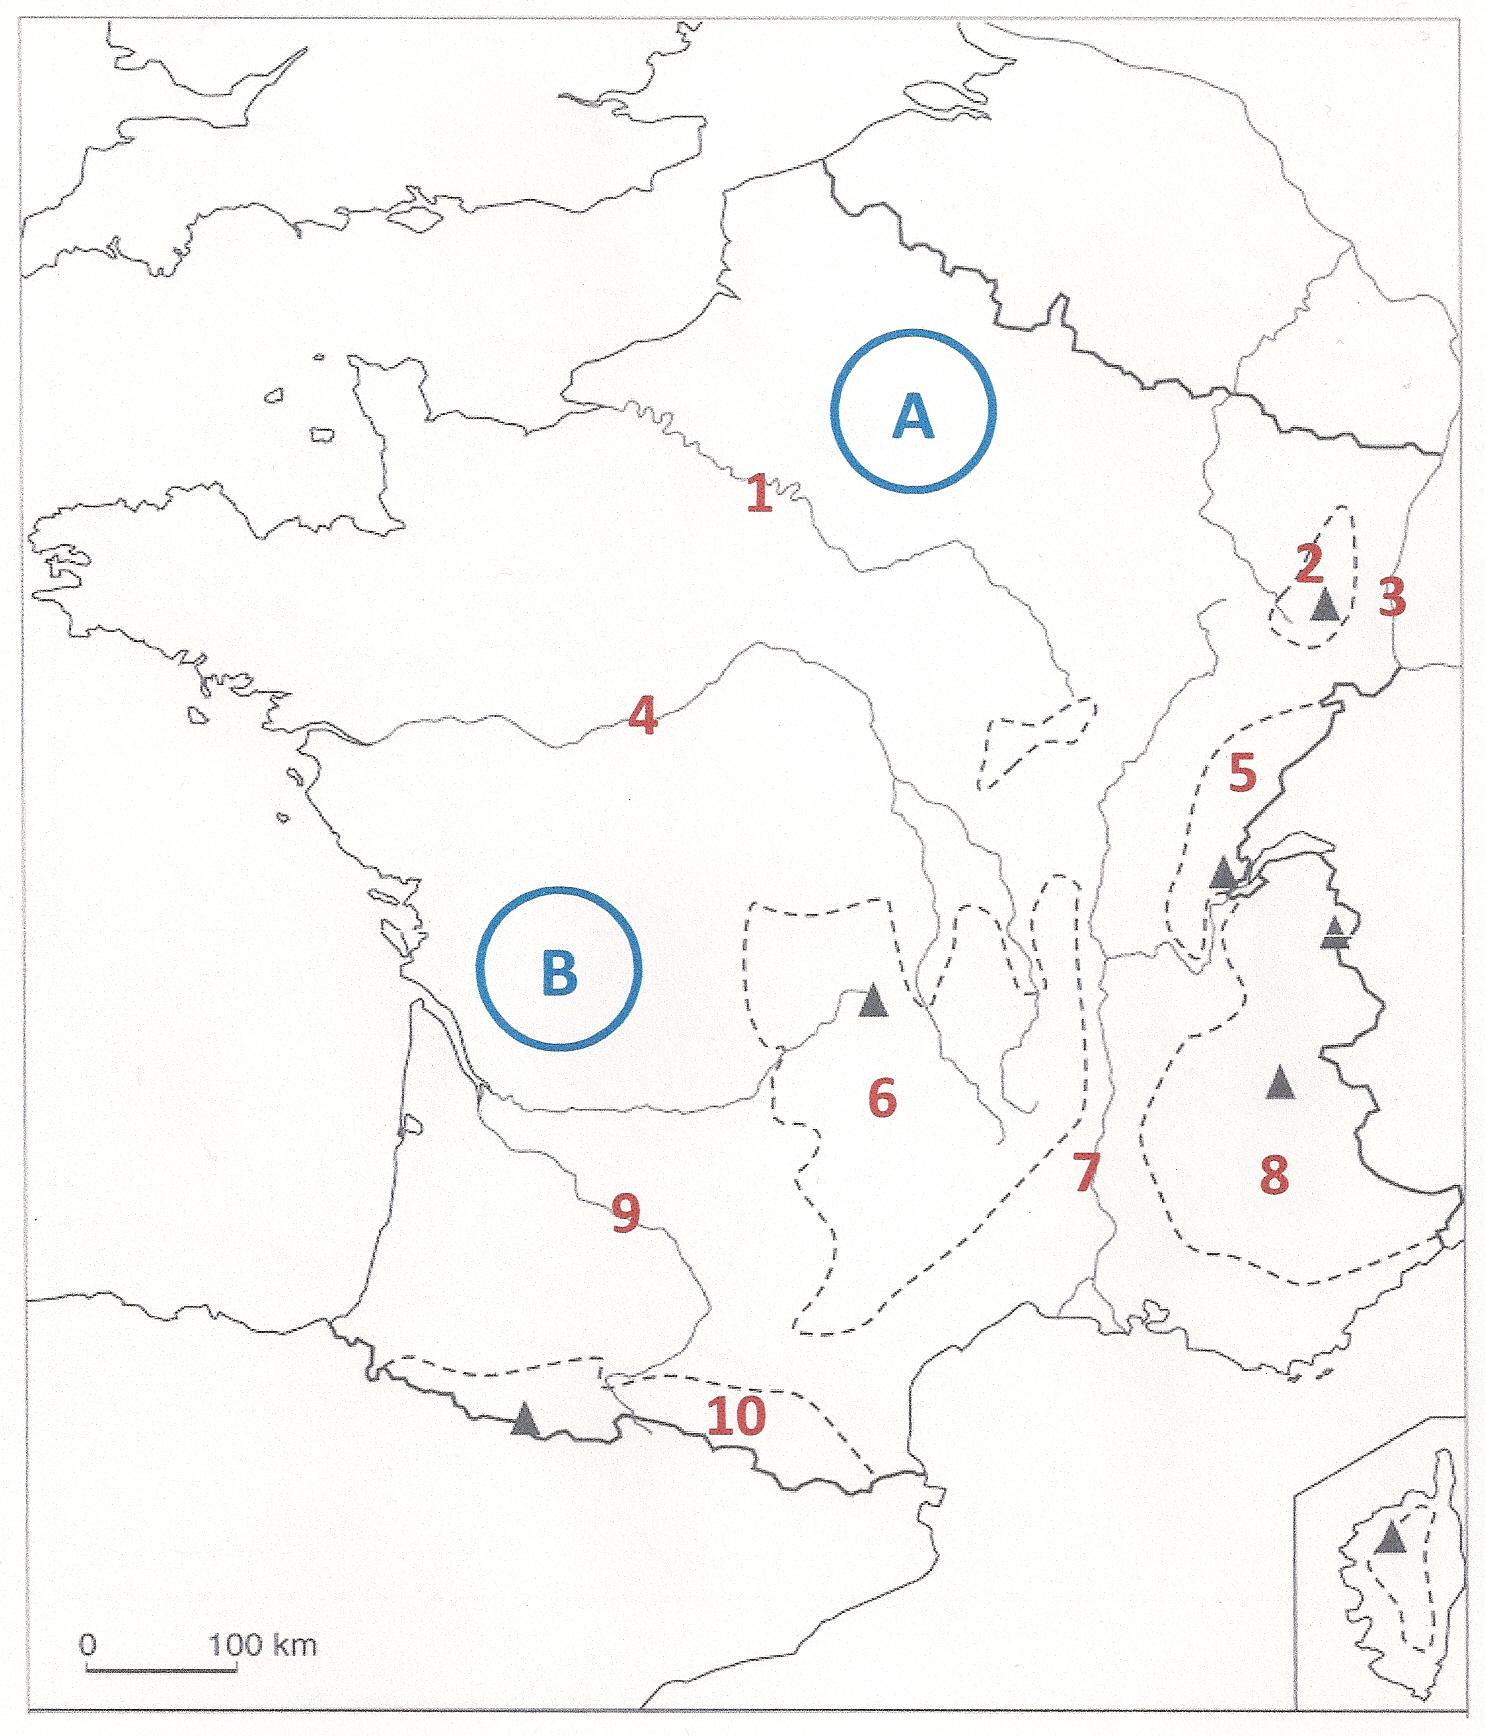 Sur cette carte de France, où est située la Garonne ? (cliquez sur la carte pour l'agrandir)